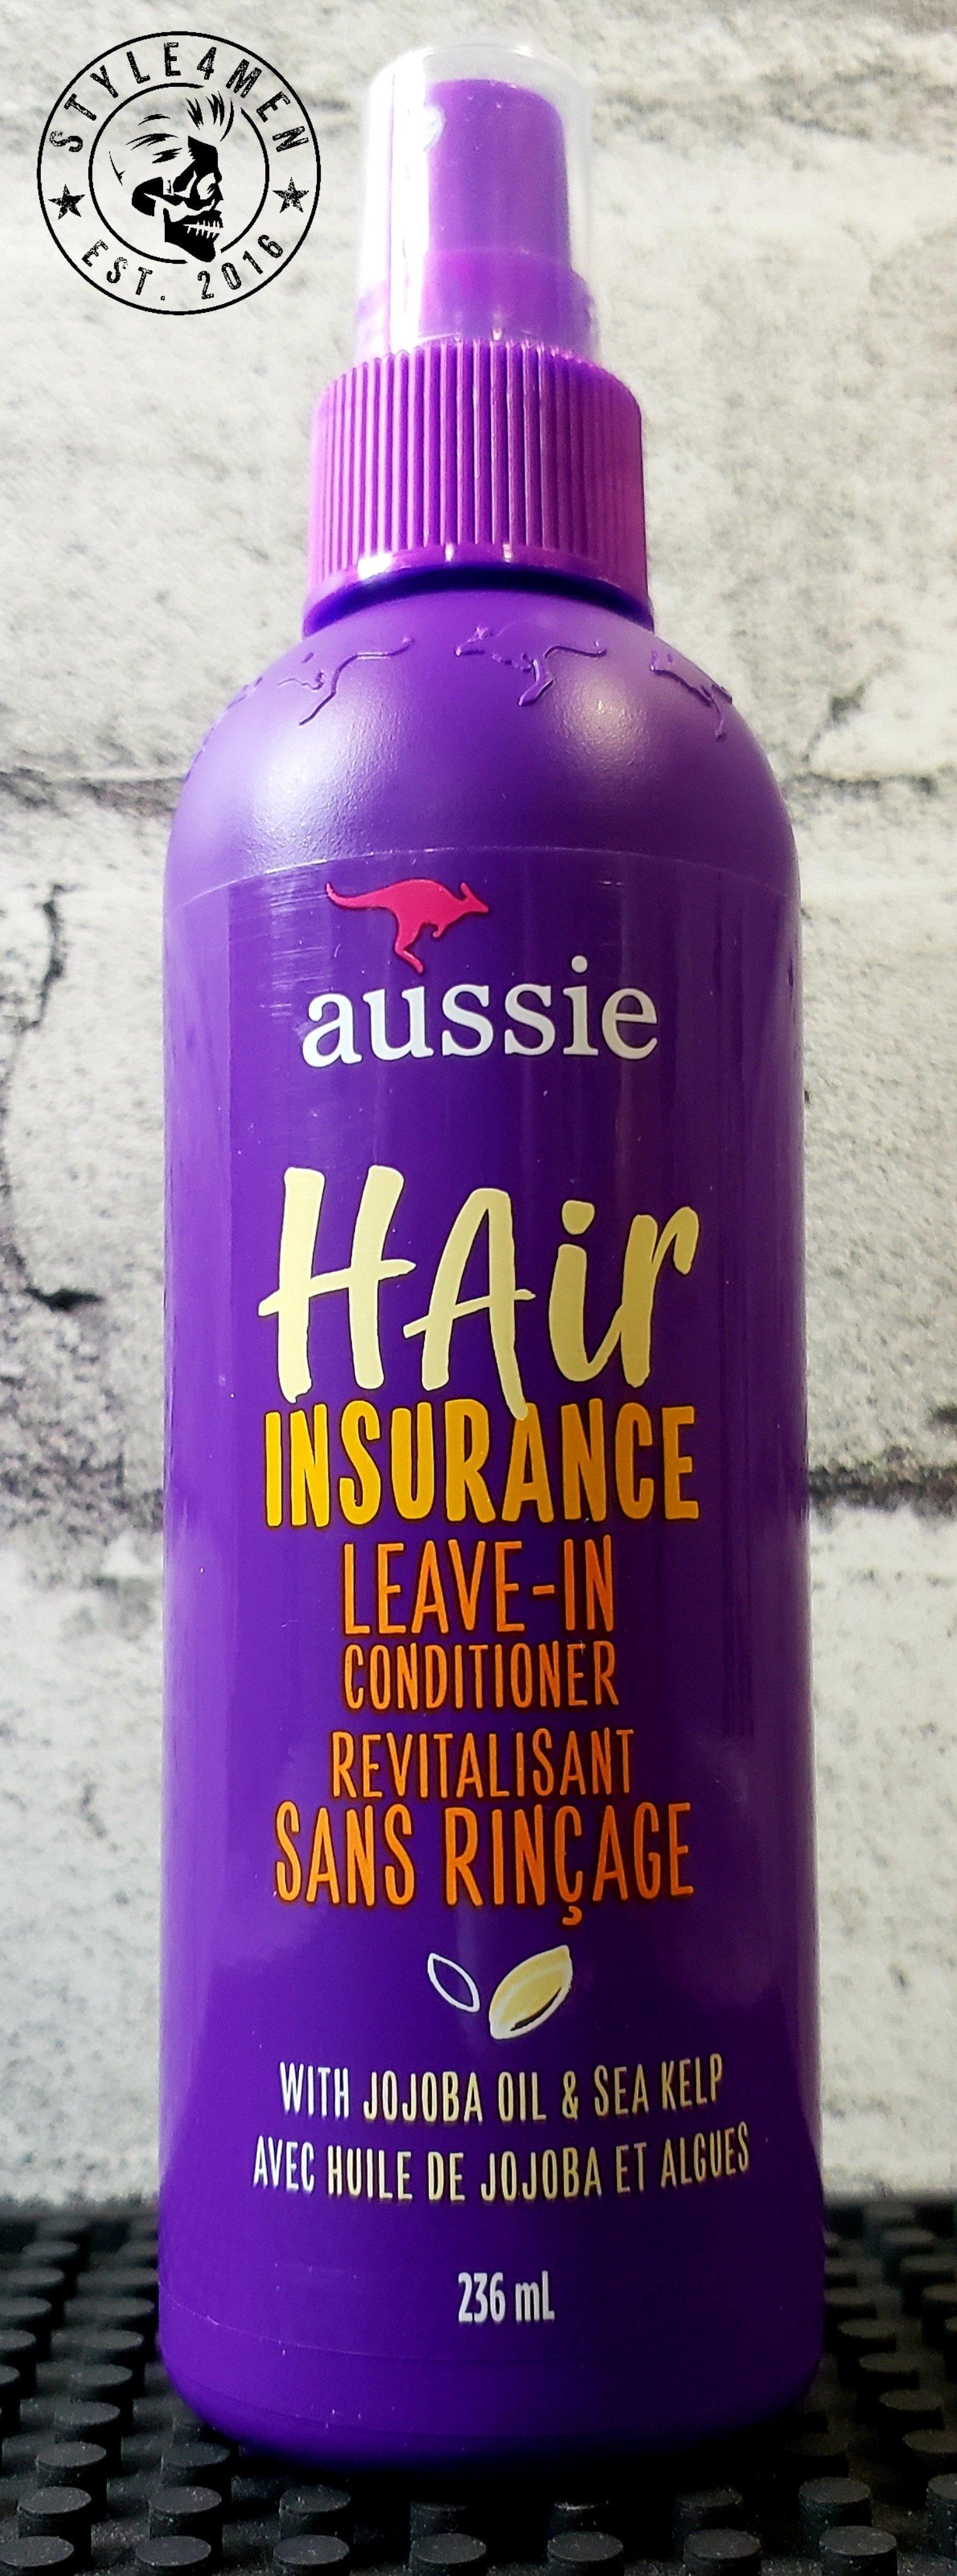 Aussie Hair Insurance